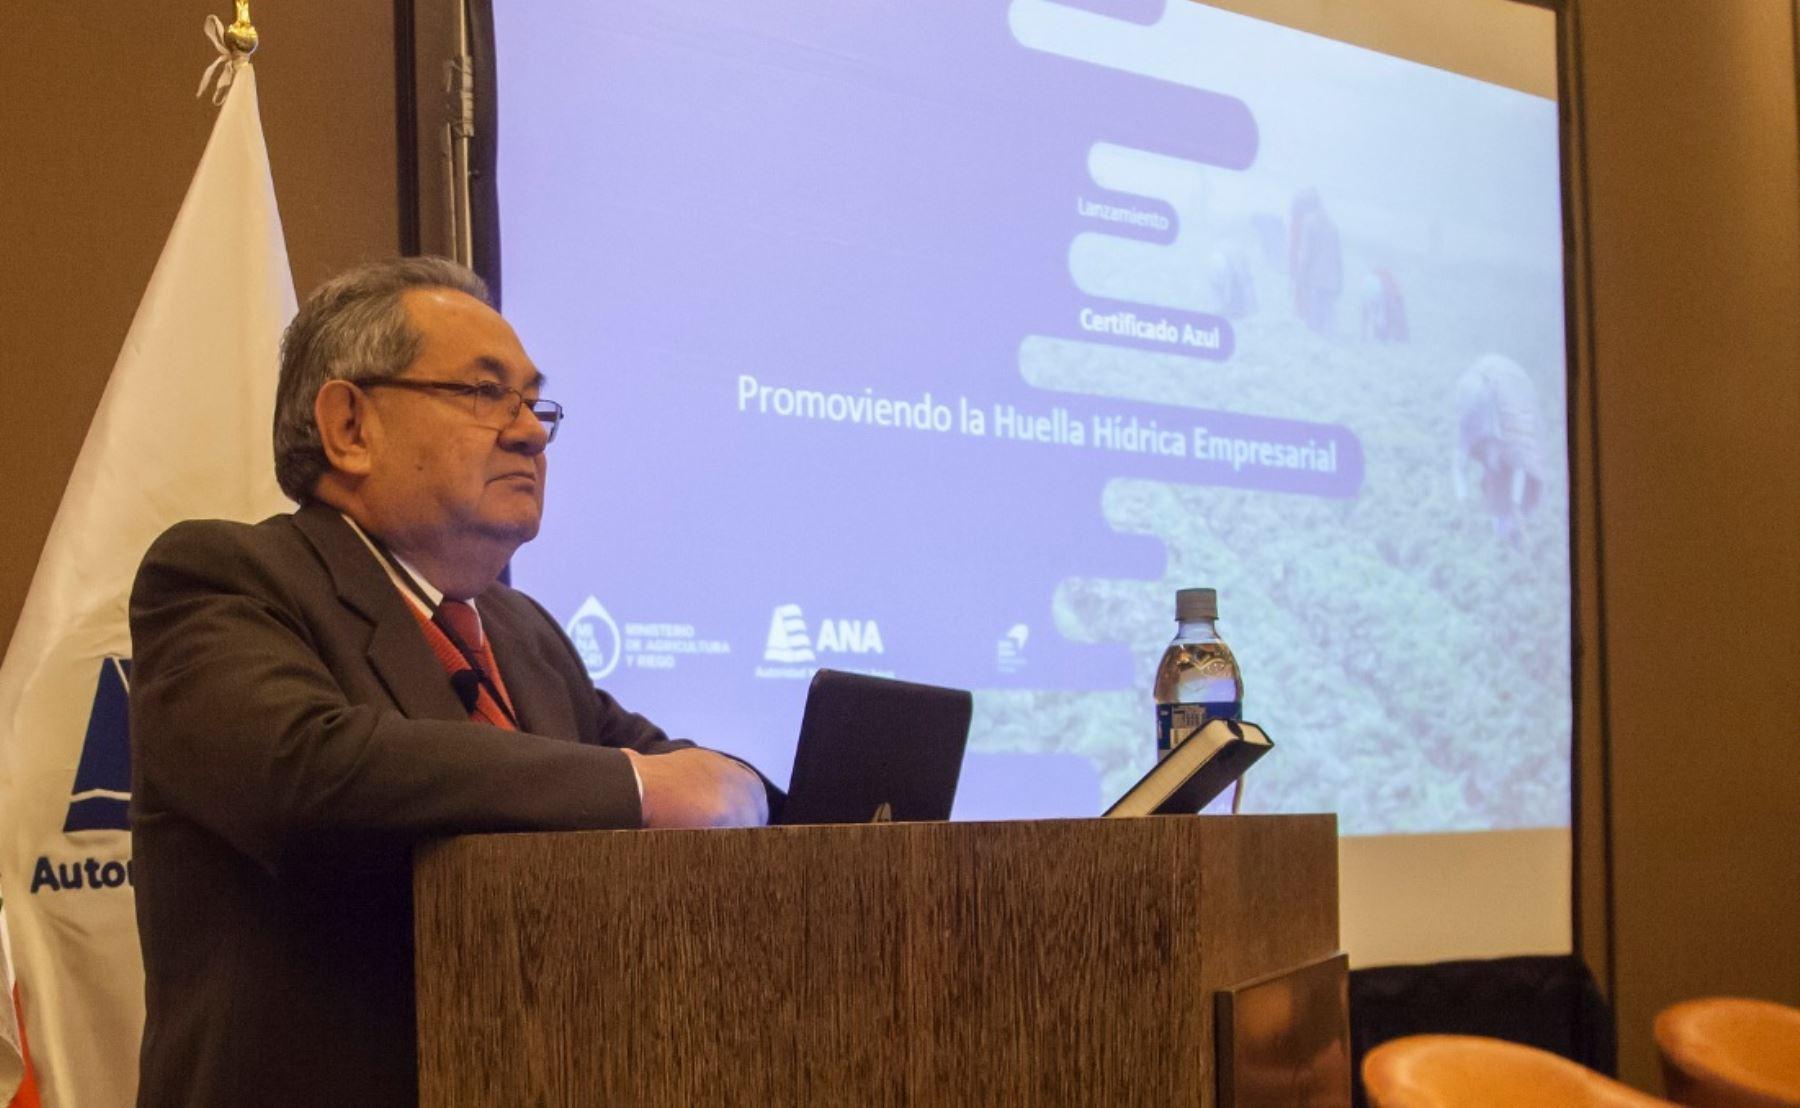 Jefe de la Autoridad Nacional del Agua (ANA), Abelardo De La Torre, explica detalles del Certificado Azul que otorgará dicha institución para promover medición de huella hídrica en el país.